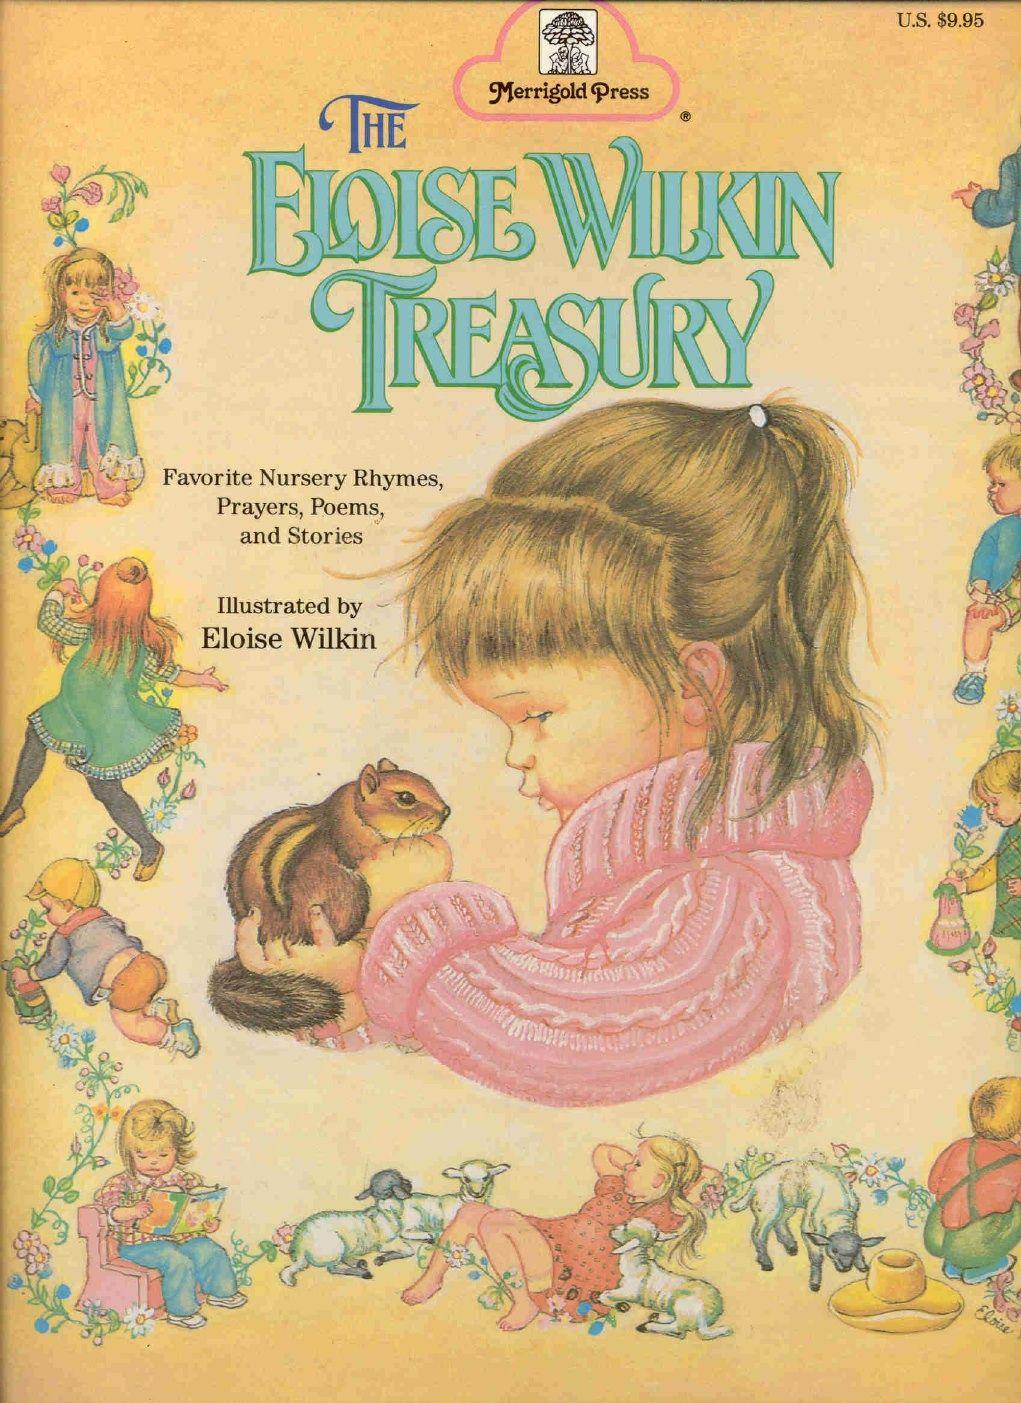 Eloise wilkin treasury one of my favorite illustrators of